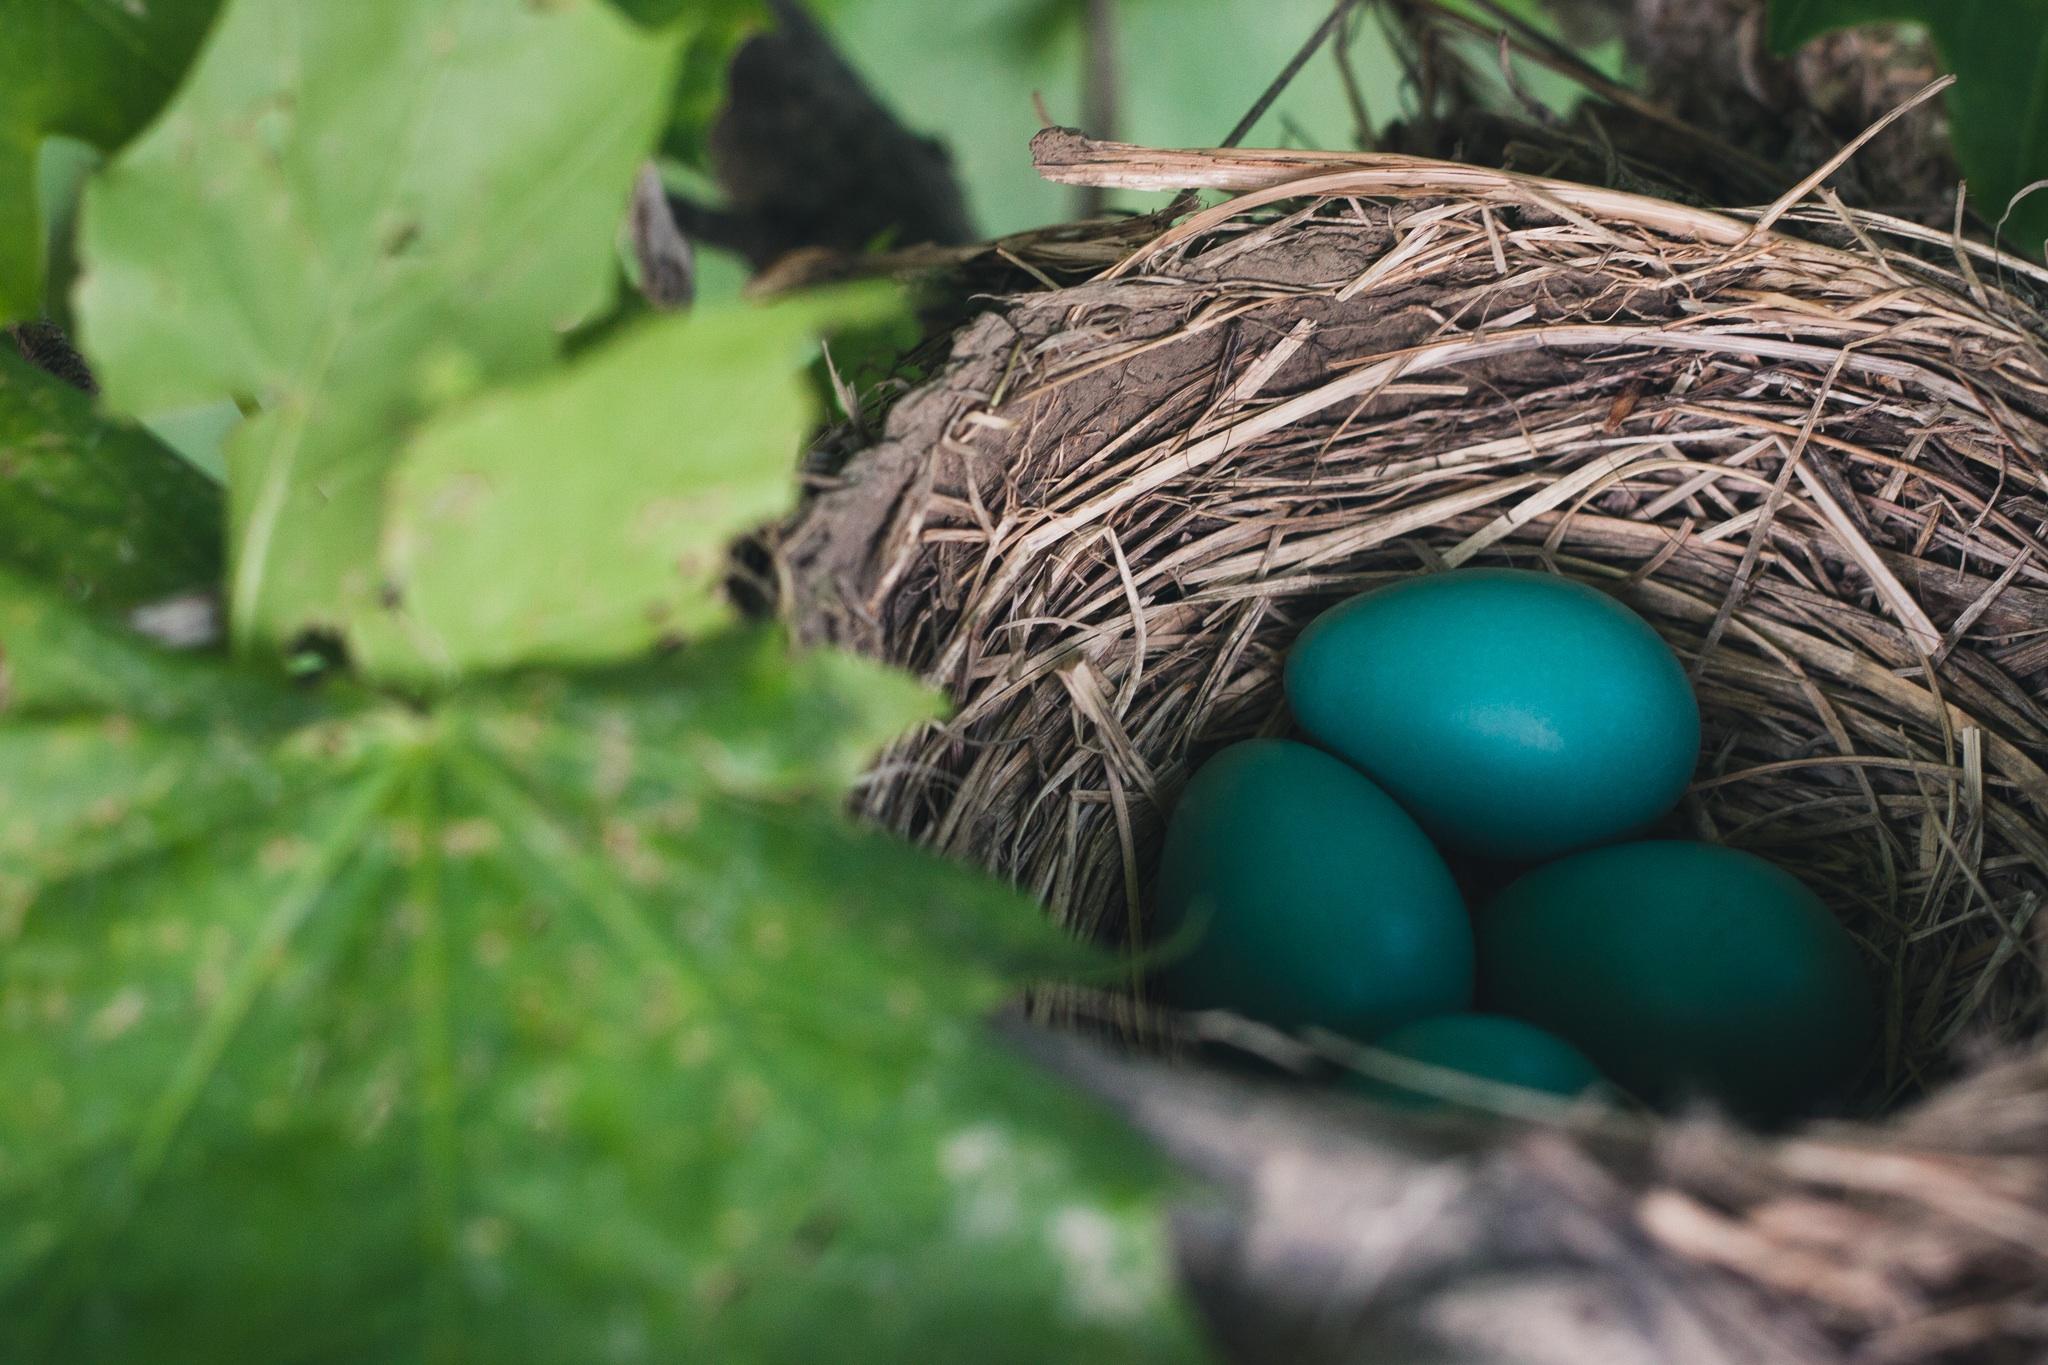 eggs-by-ian-baldwin